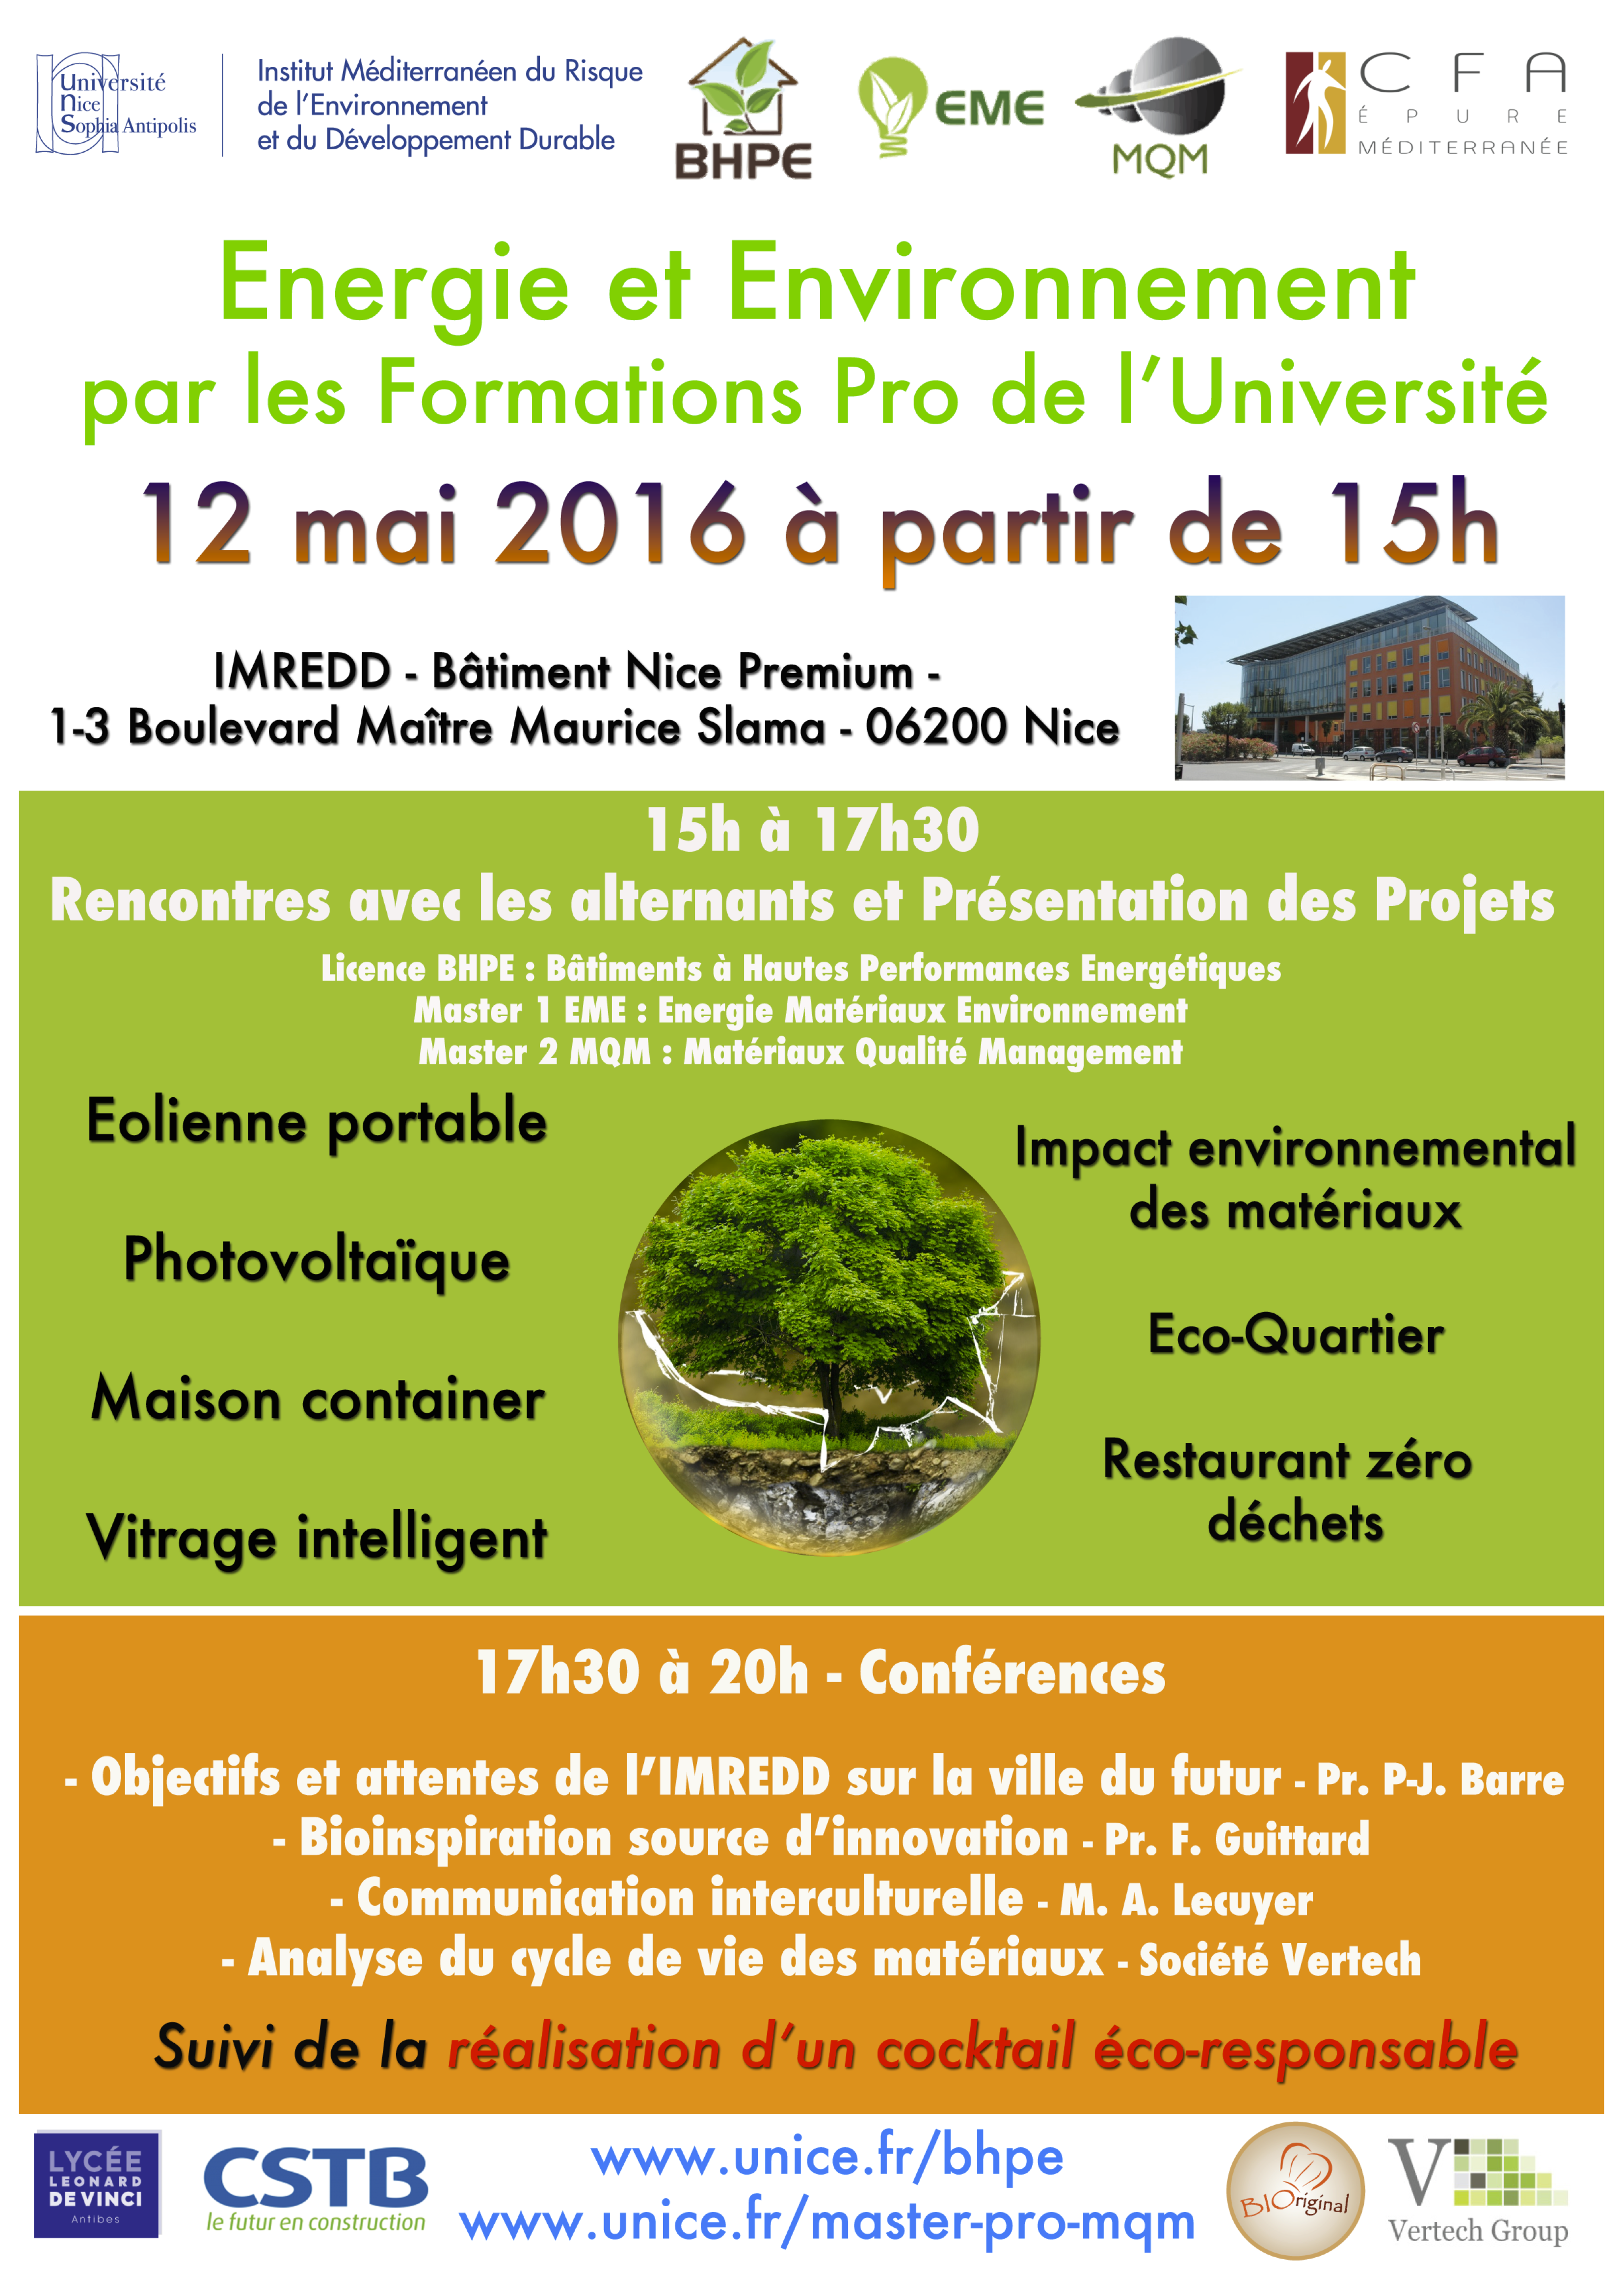 12 mai 2016 - Energie et Environnement (format A4)